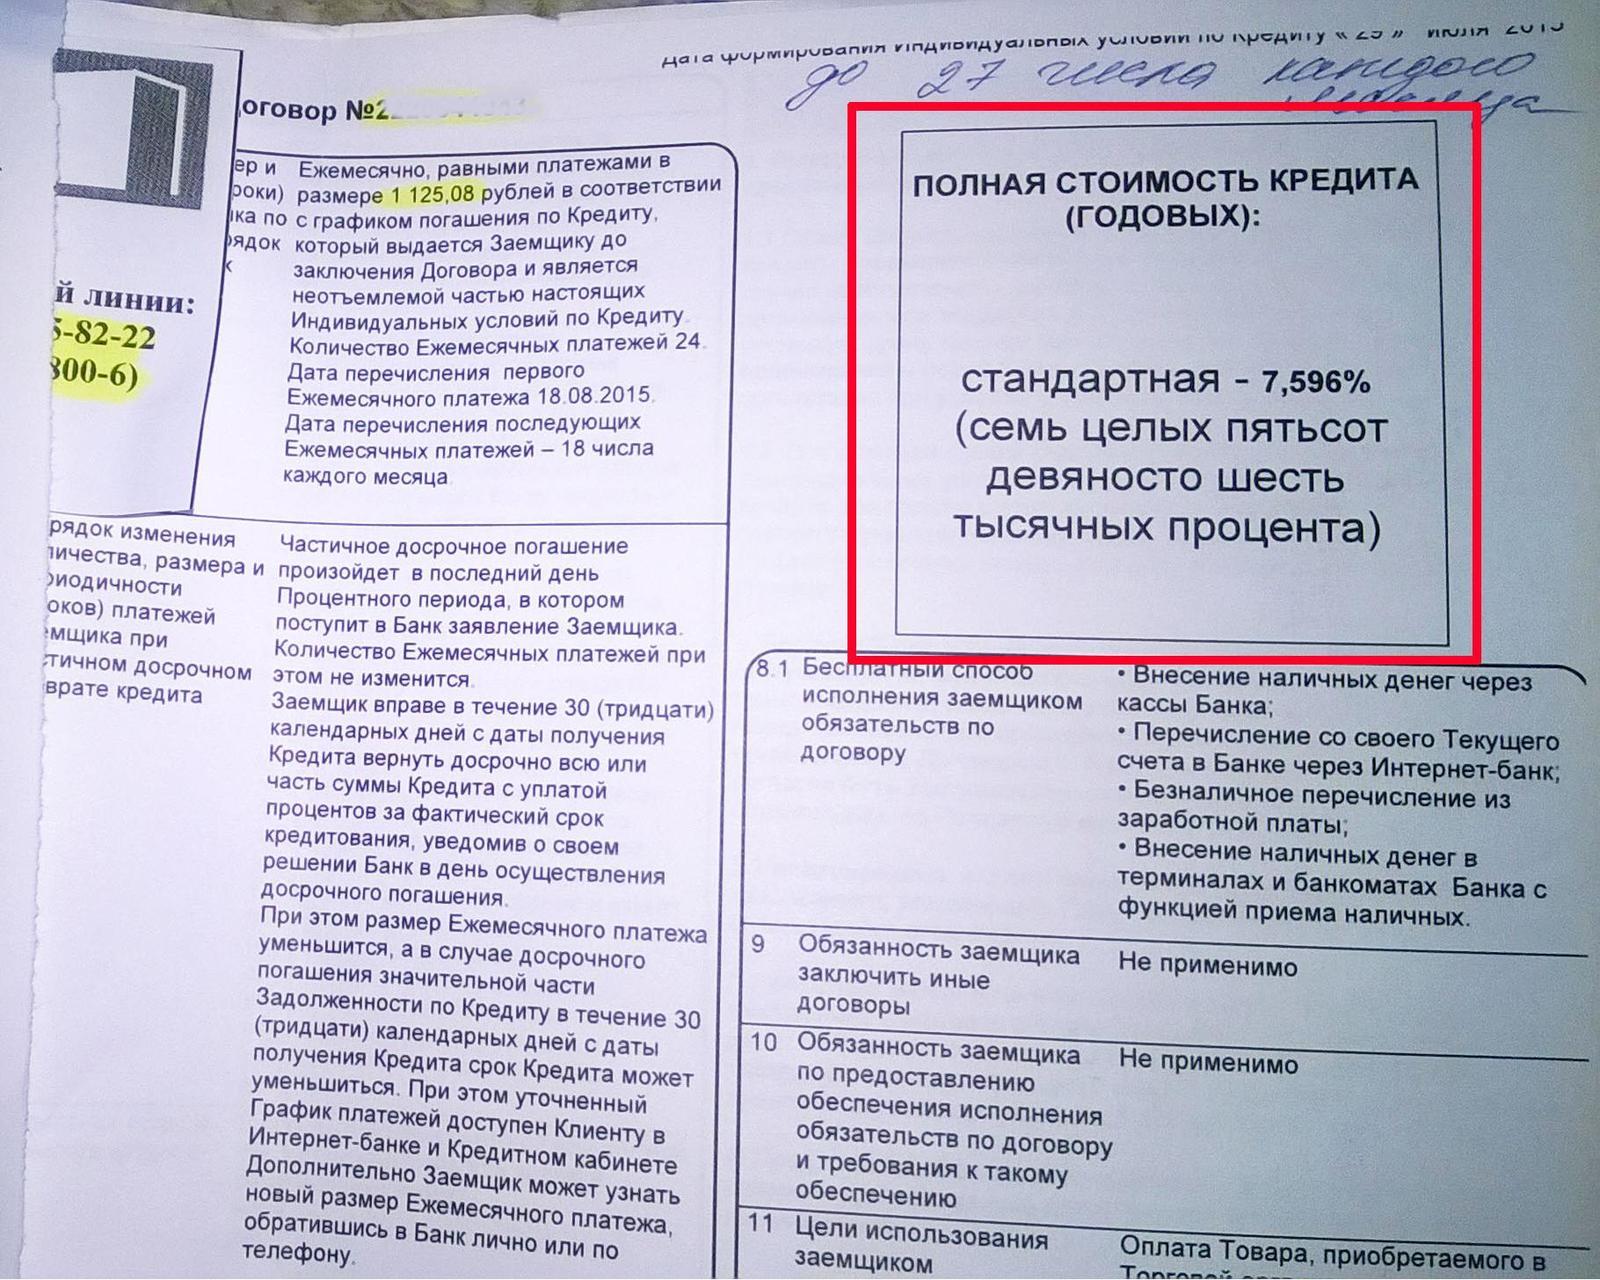 северо западный банк оао сбербанк россии санкт-петербург реквизиты